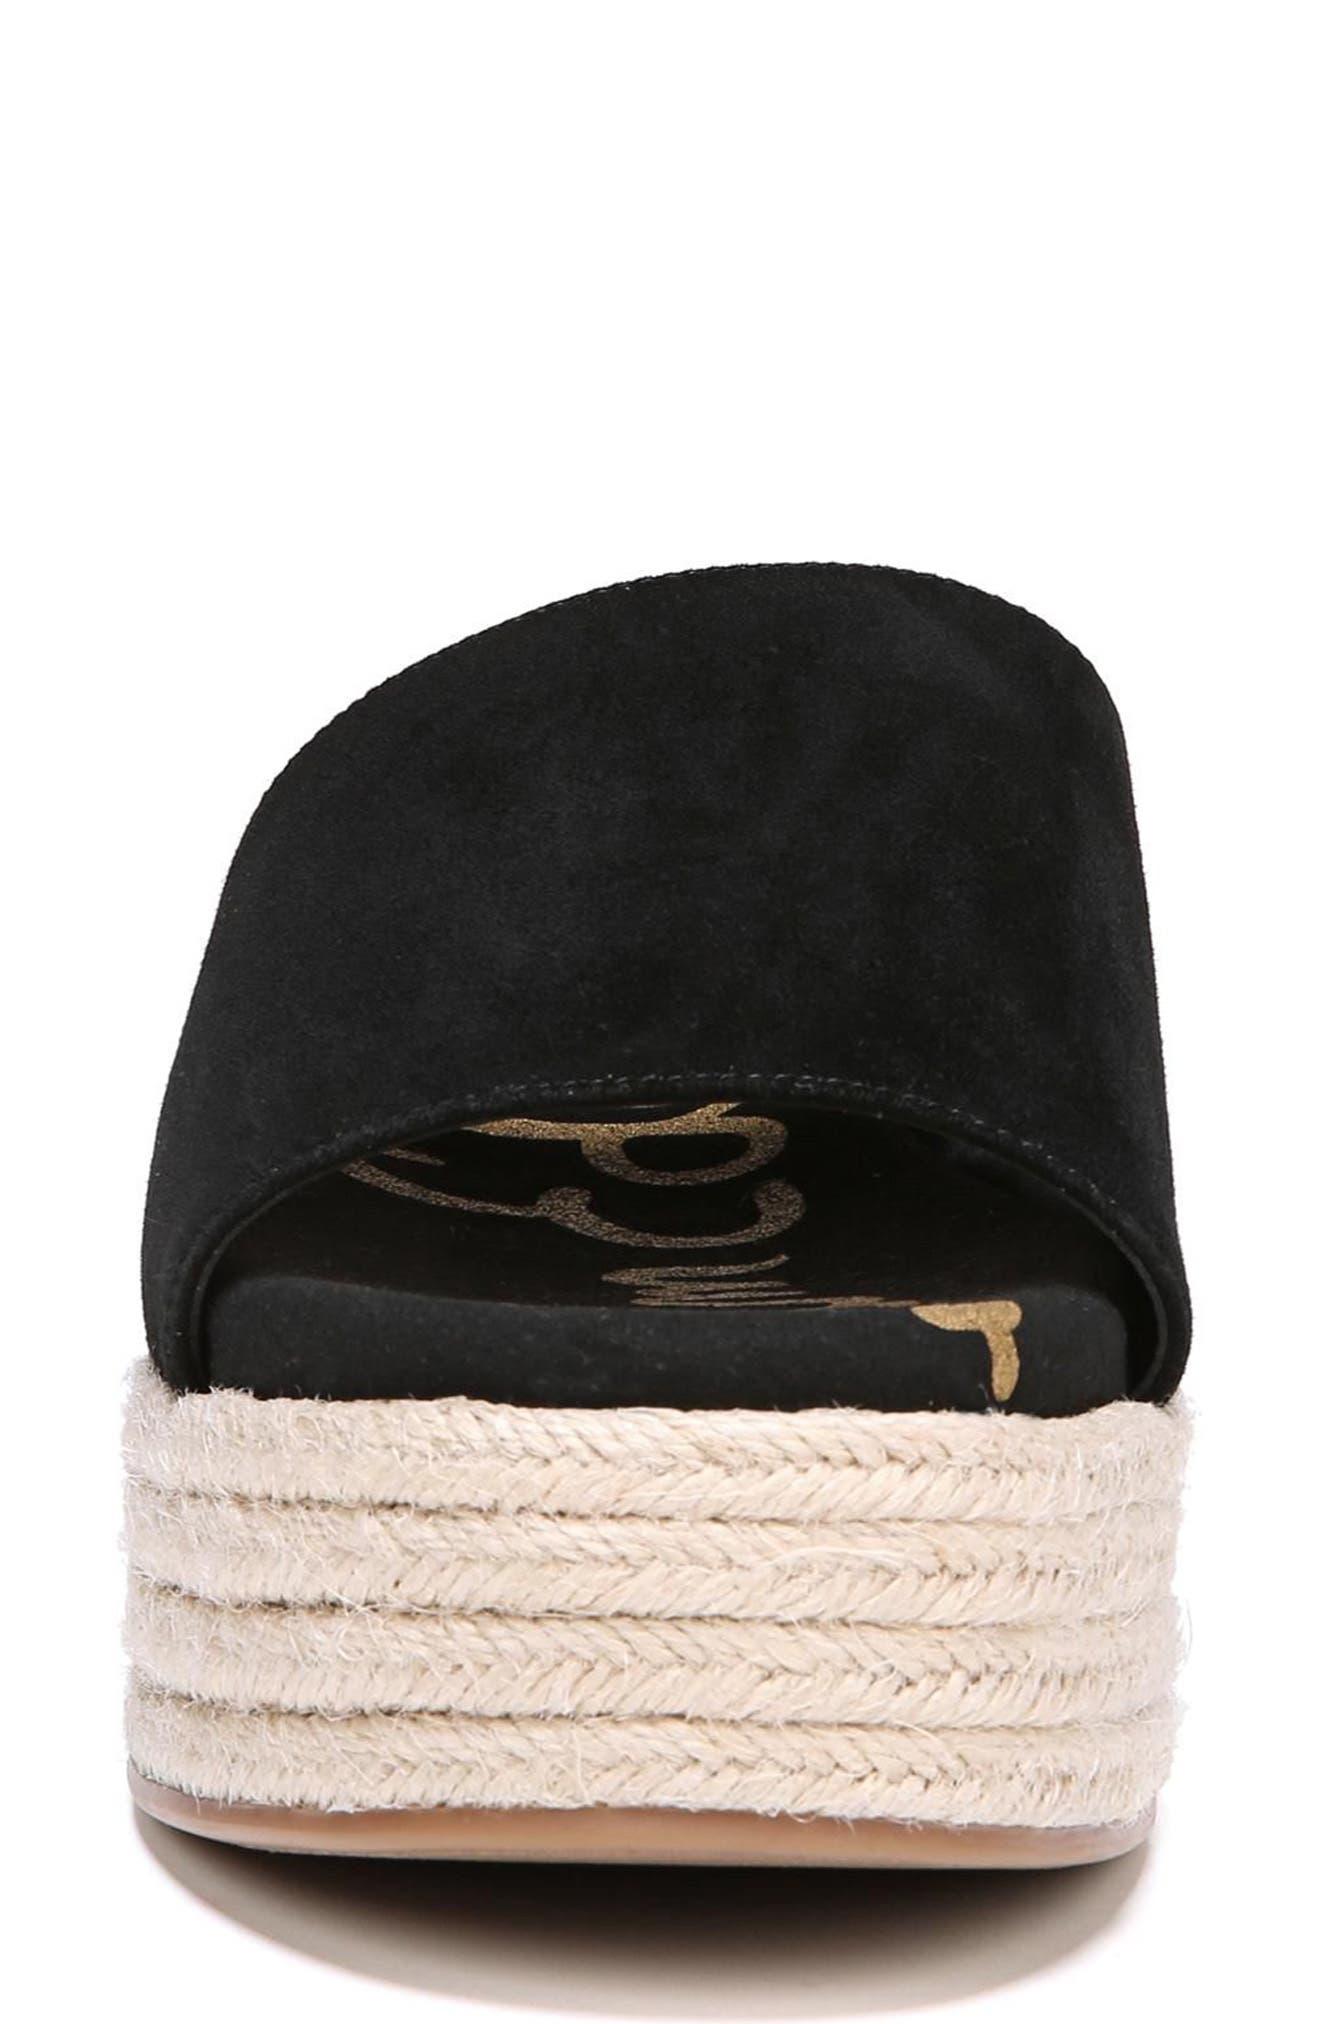 Weslee Platform Slide Sandal,                             Alternate thumbnail 4, color,                             BLACK SUEDE